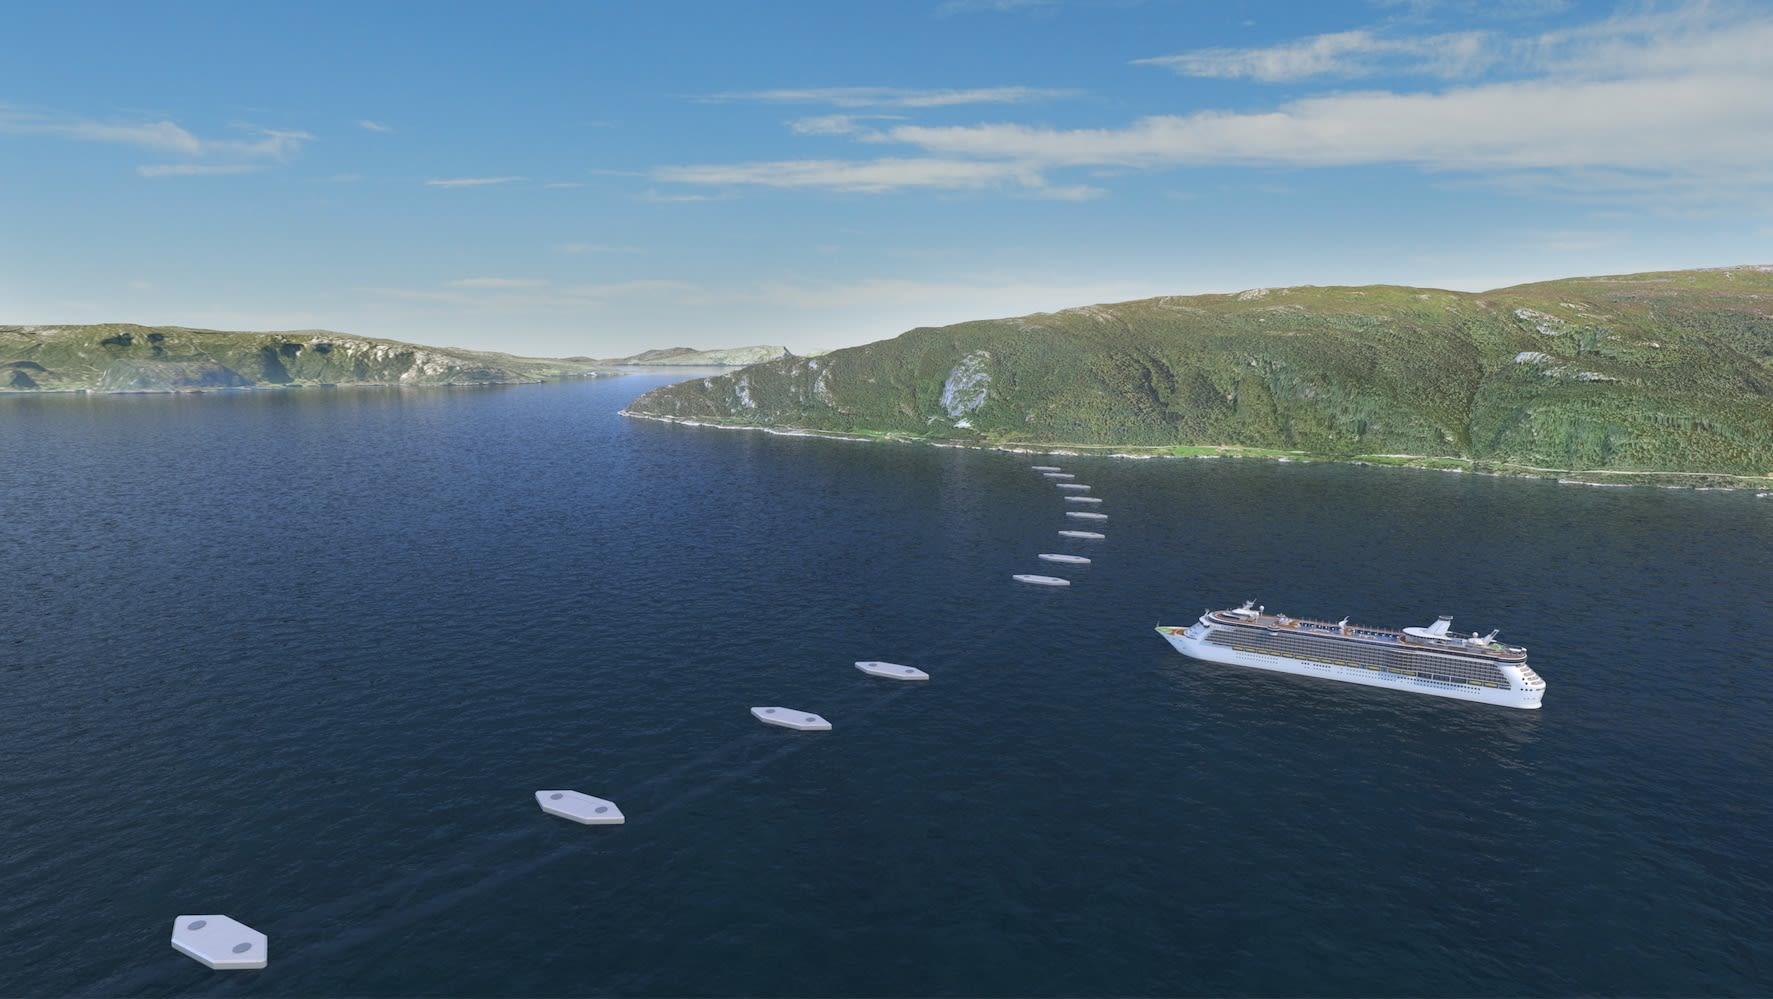 """هل ستبني النرويج أول """"نفق عائم"""" في العالم بحلول عام 2050؟"""